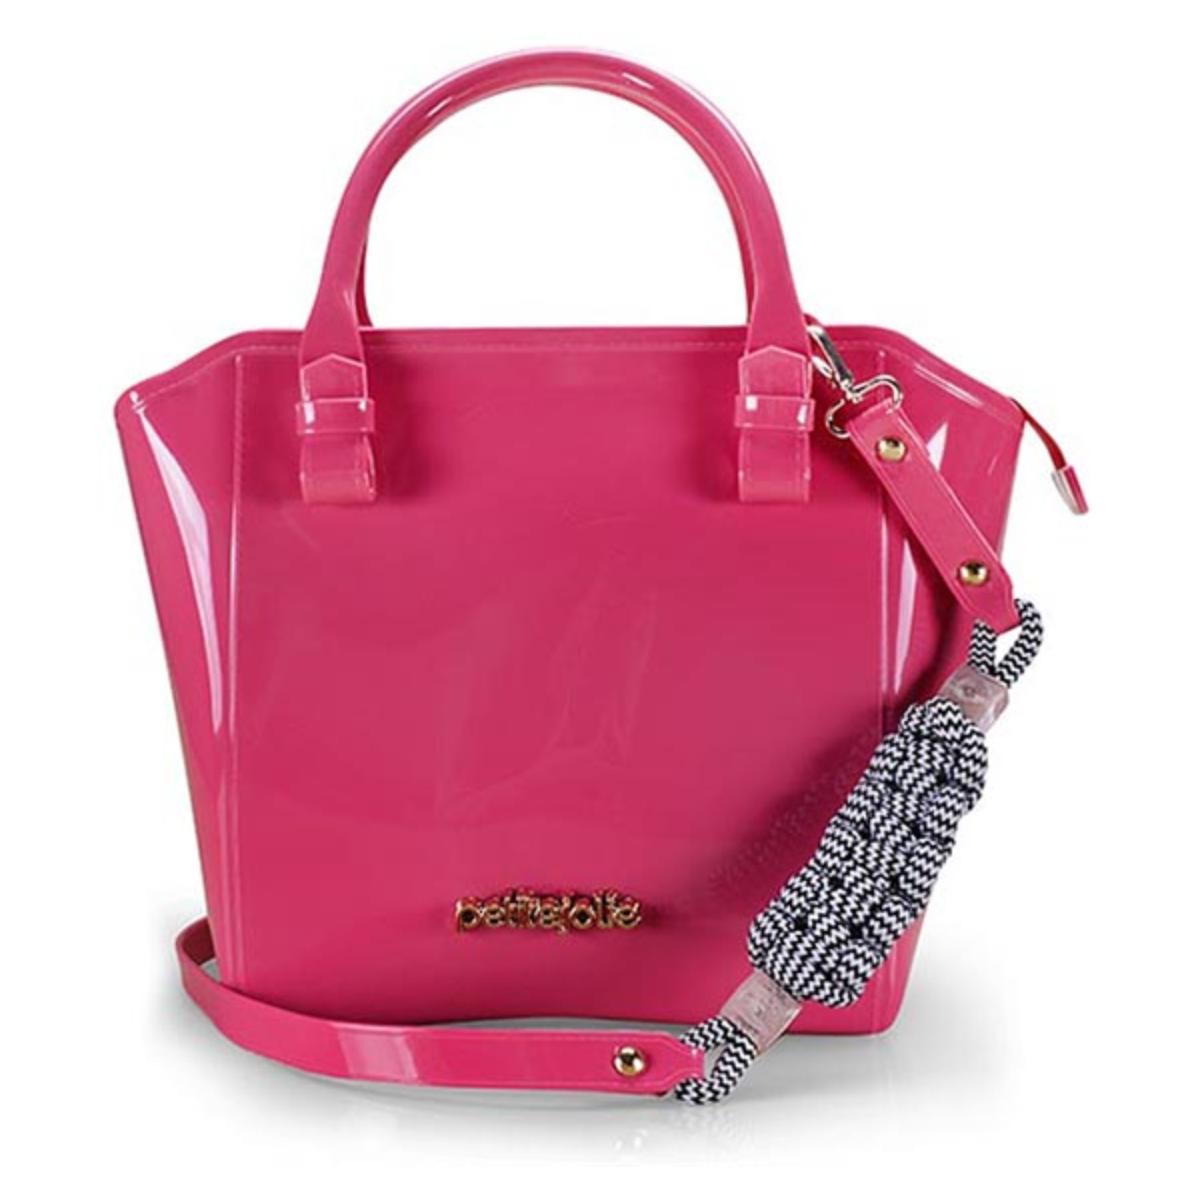 Bolsa Feminina Petite Jolie Pj4351 Pink